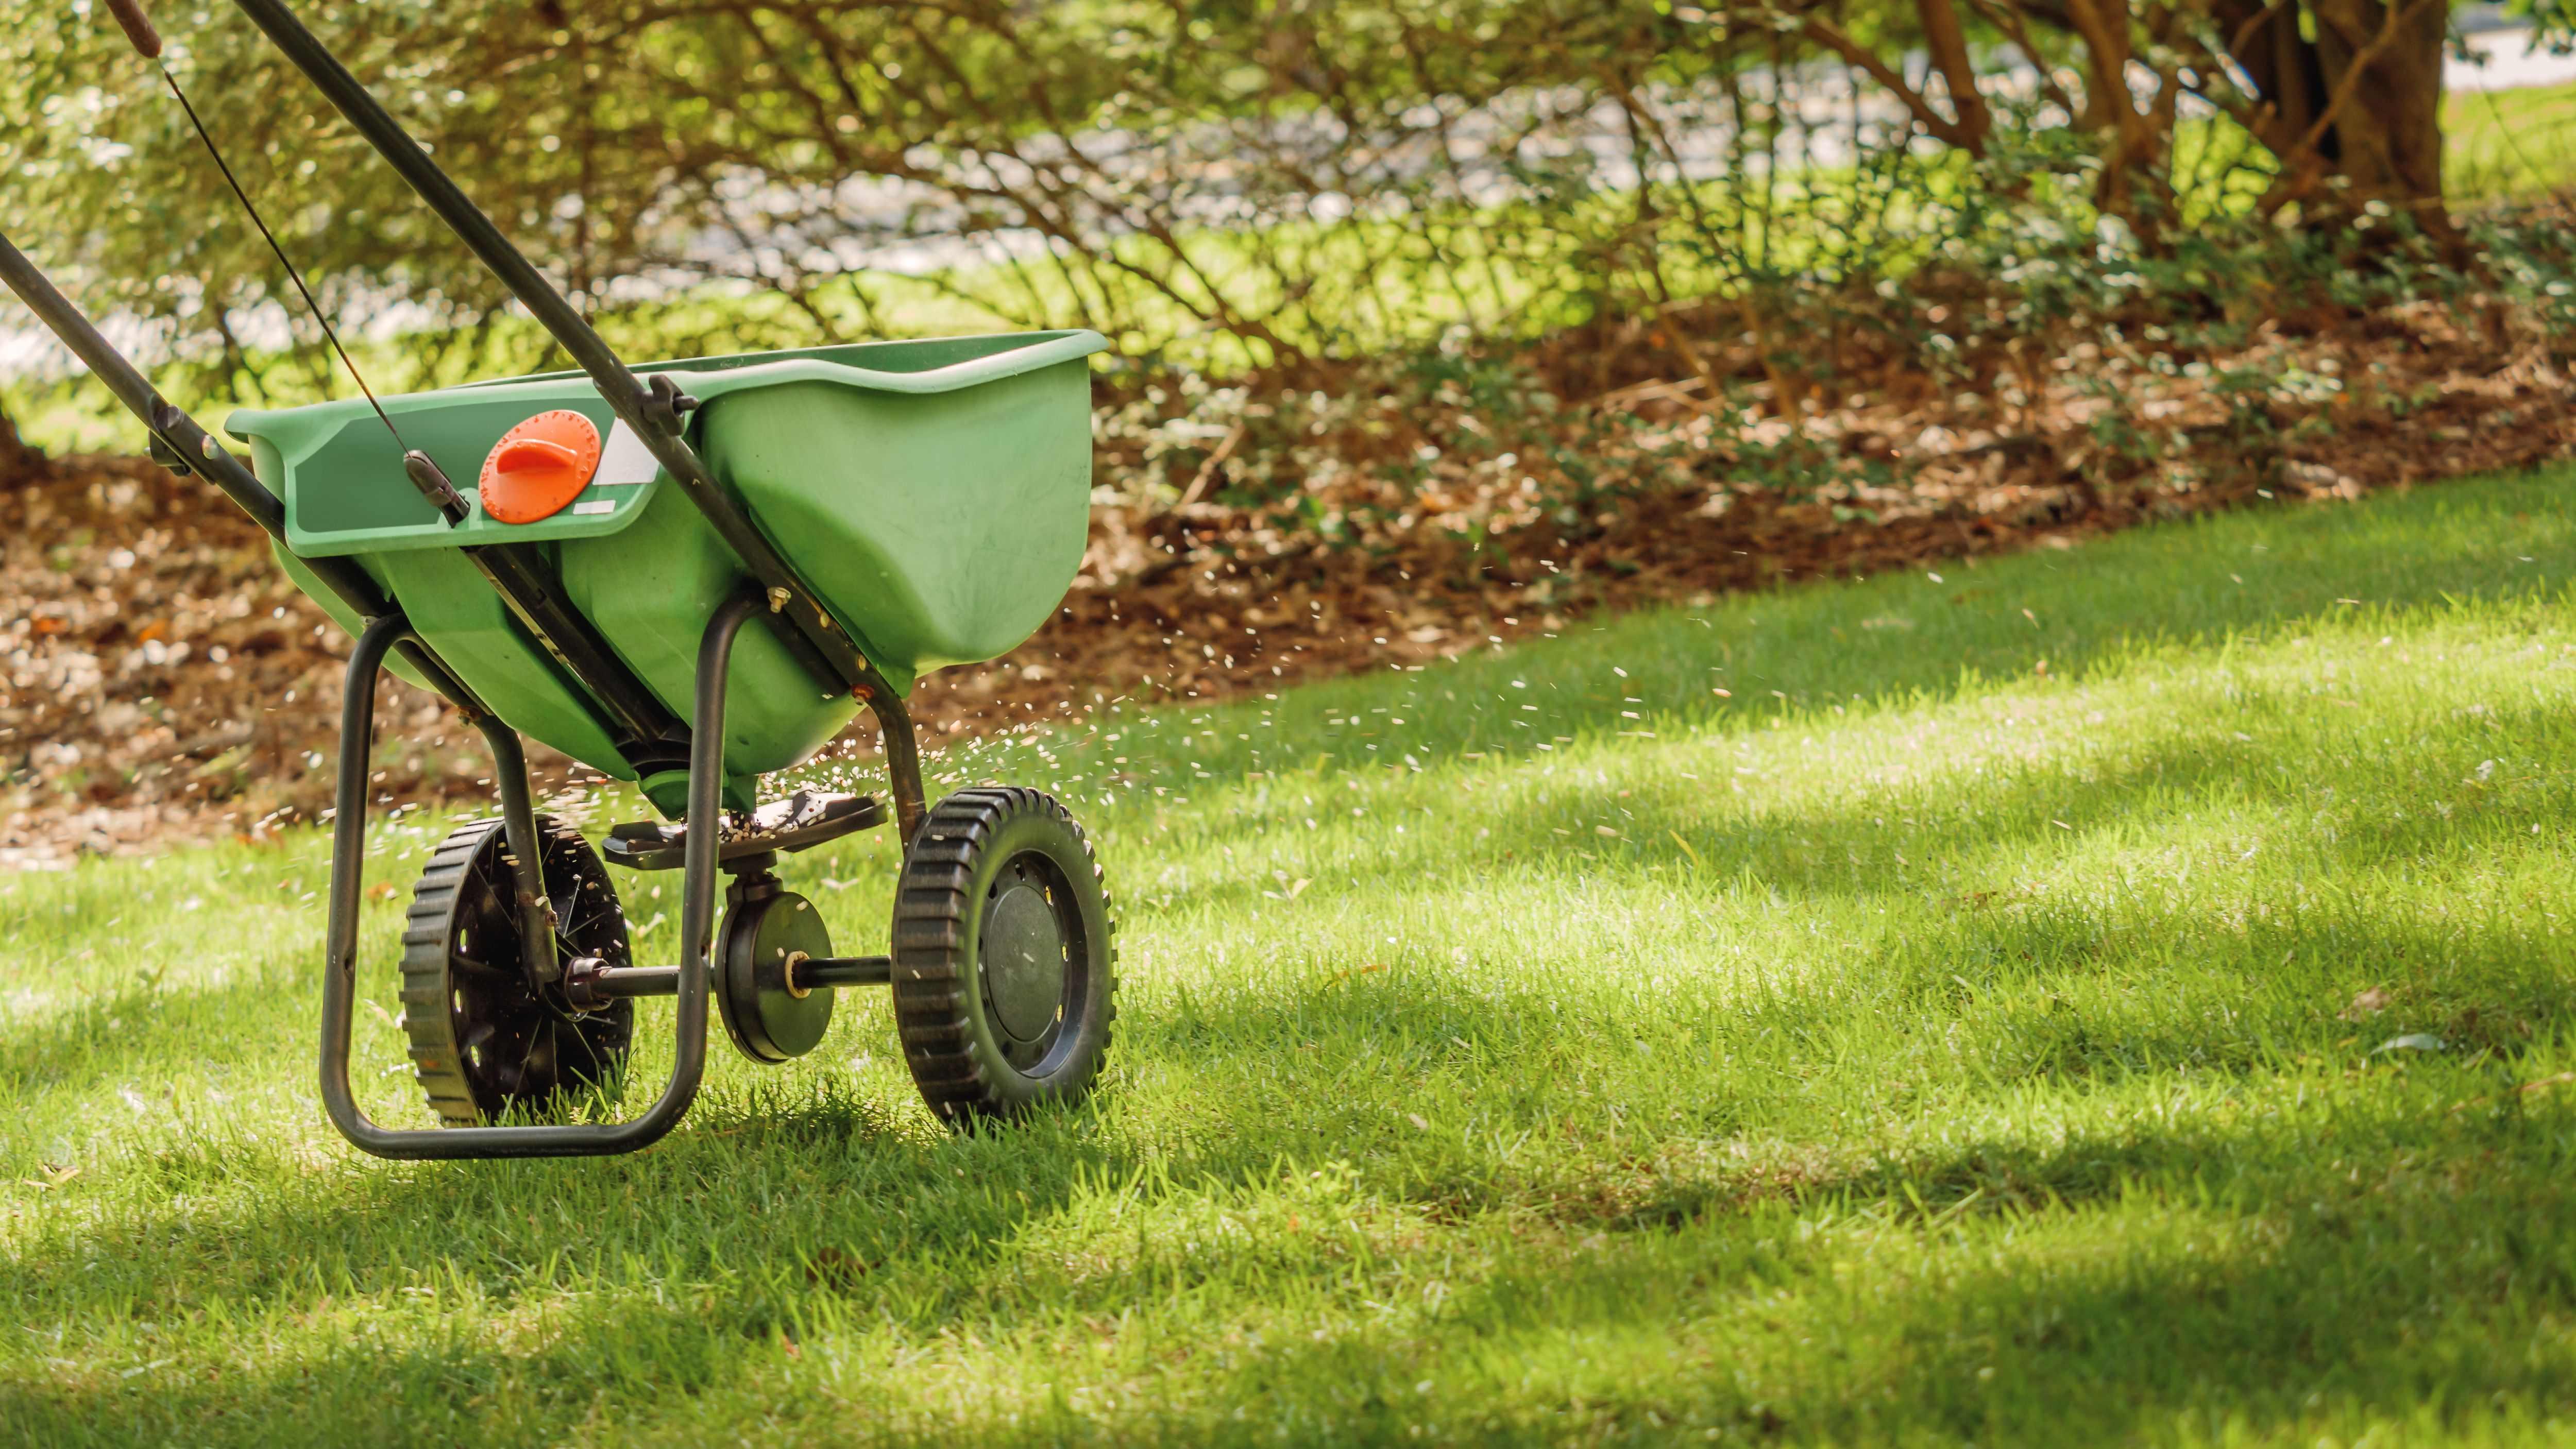 Quand semer la pelouse et quand planter le gazon